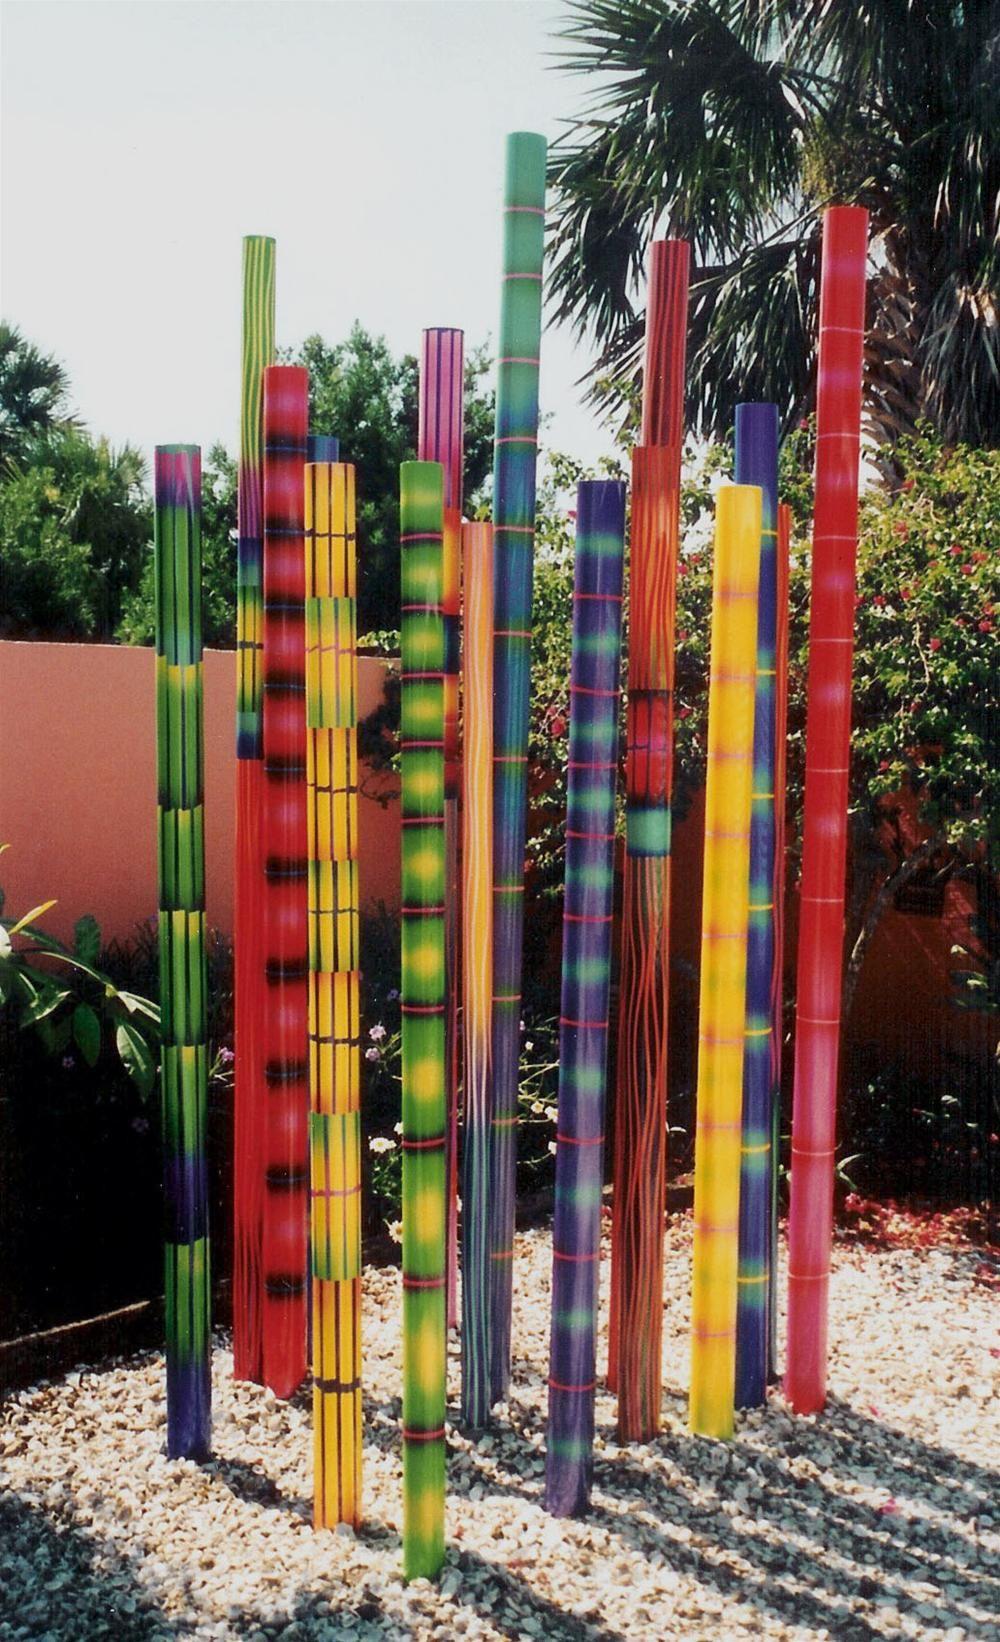 peindre des bambous pour un jardin color jardin pinterest bambou peindre et jardins. Black Bedroom Furniture Sets. Home Design Ideas